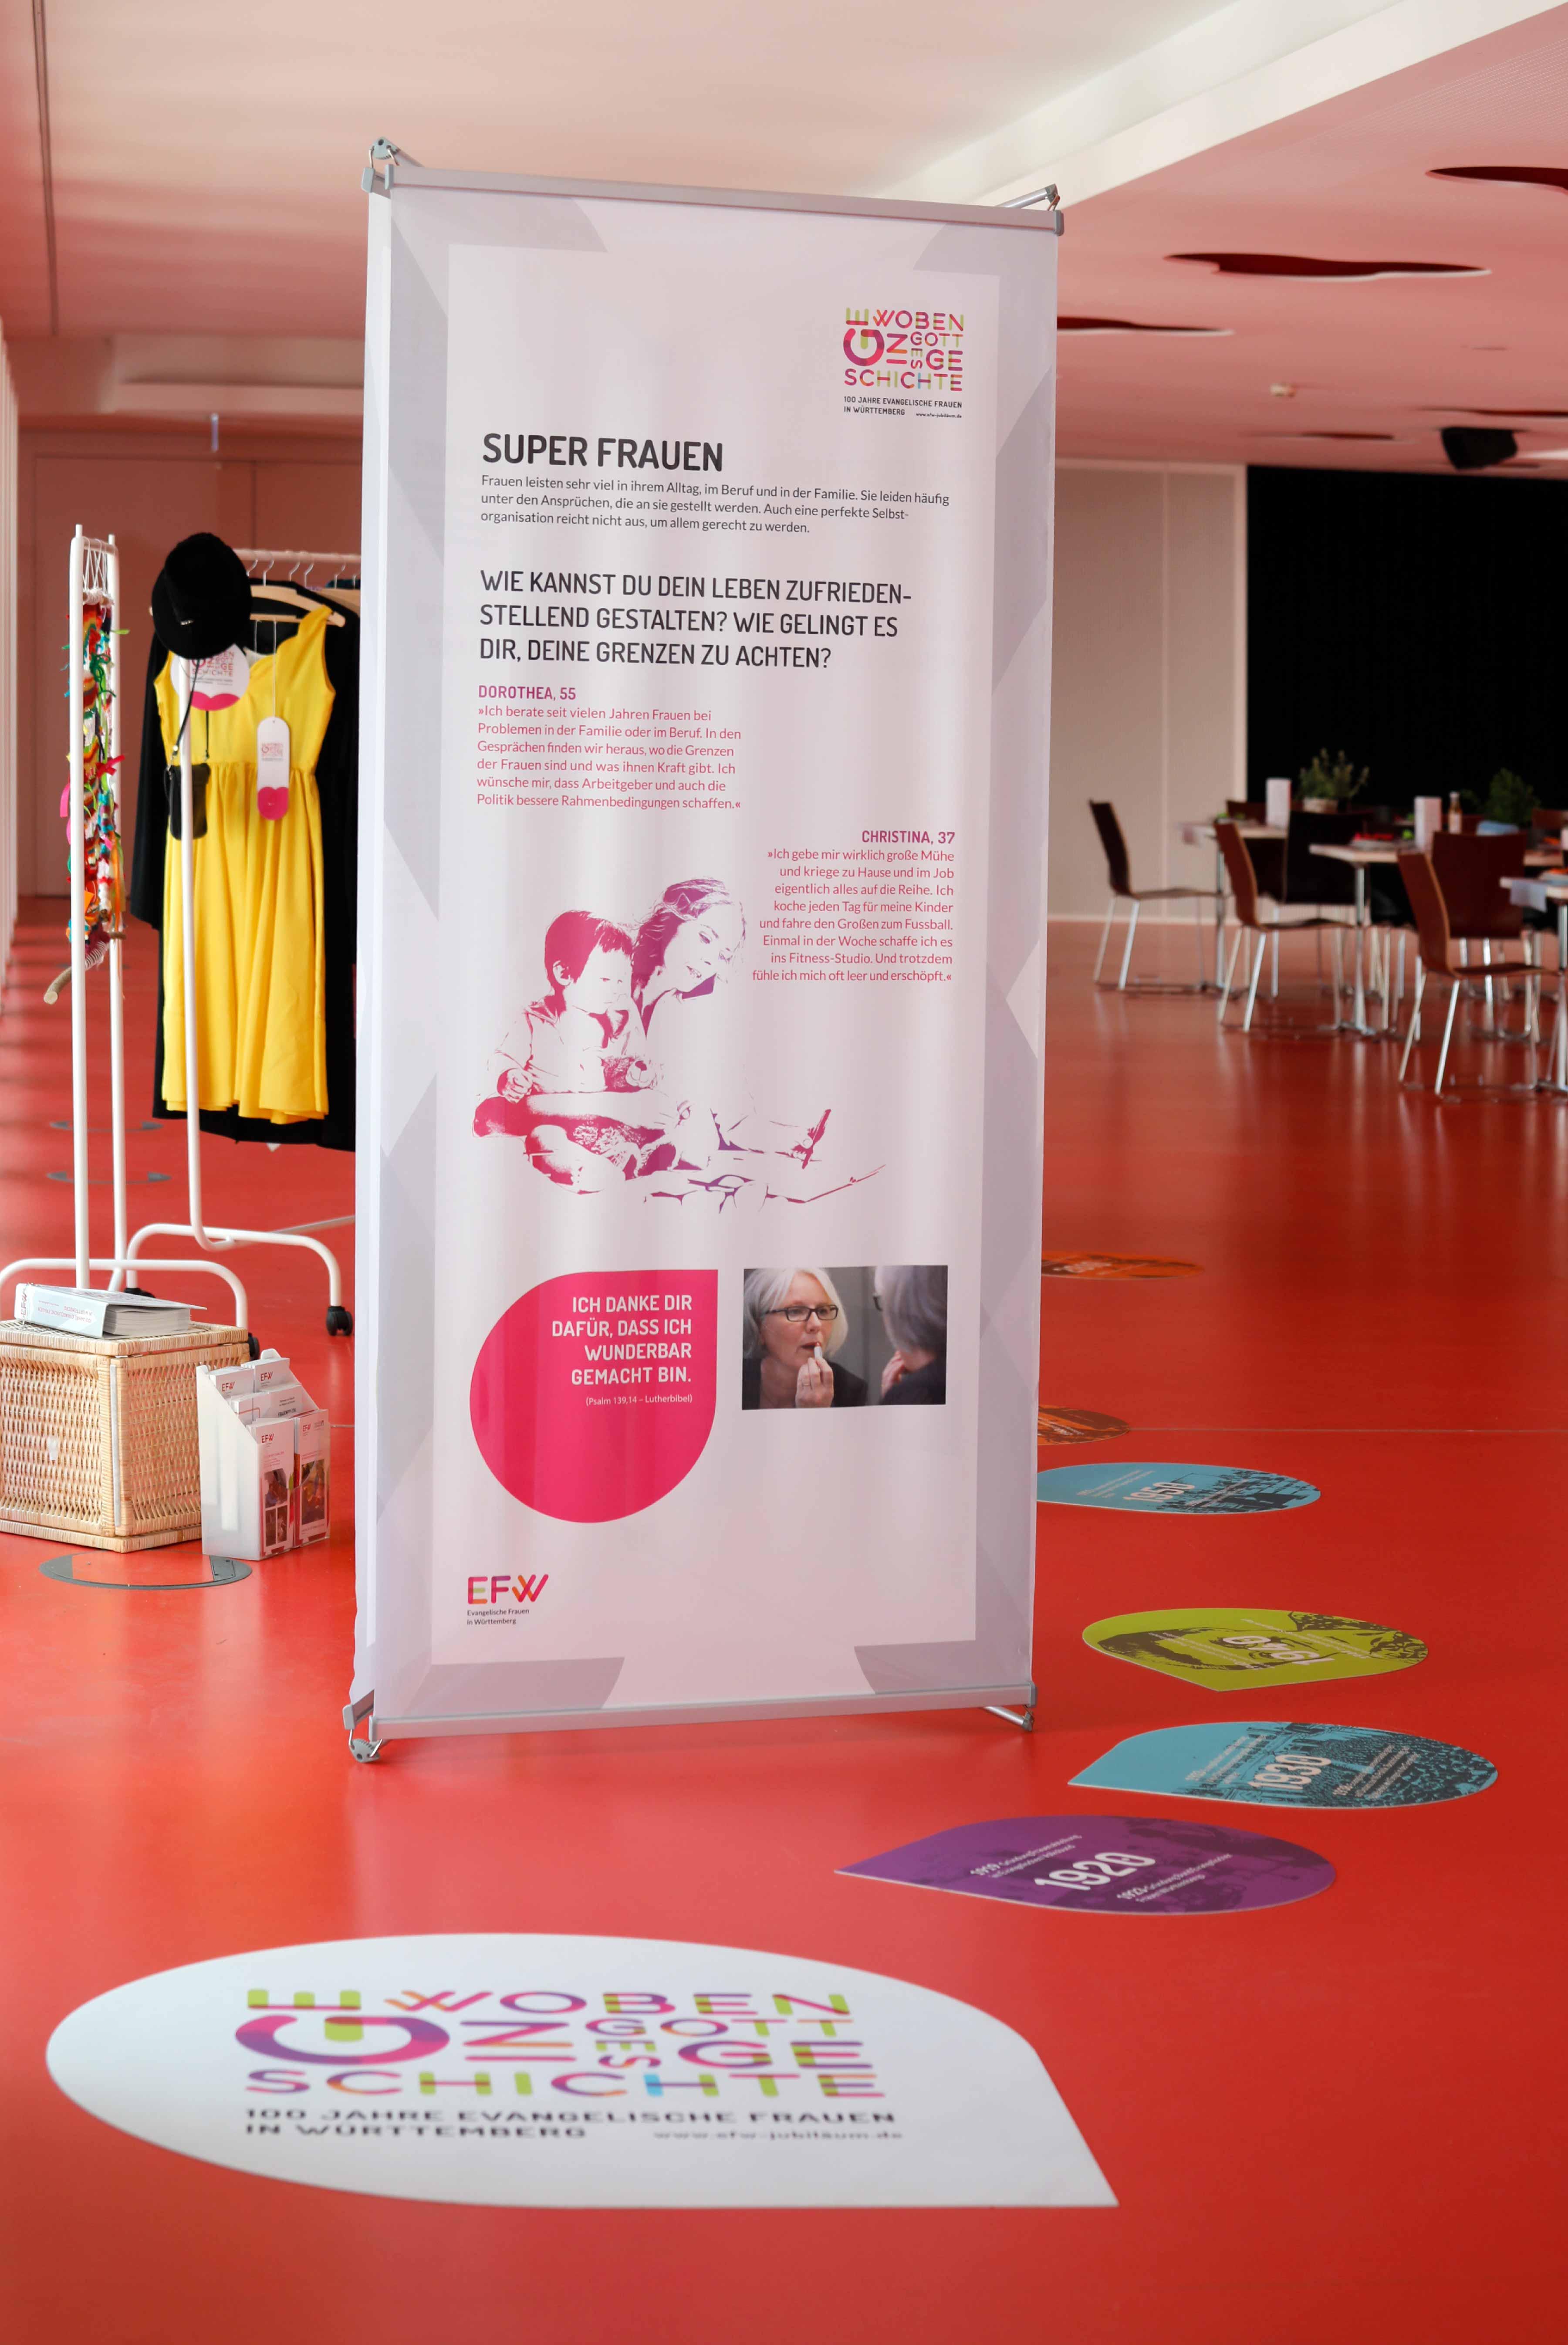 Ausstellungsdesign Grafik auf dem Boden